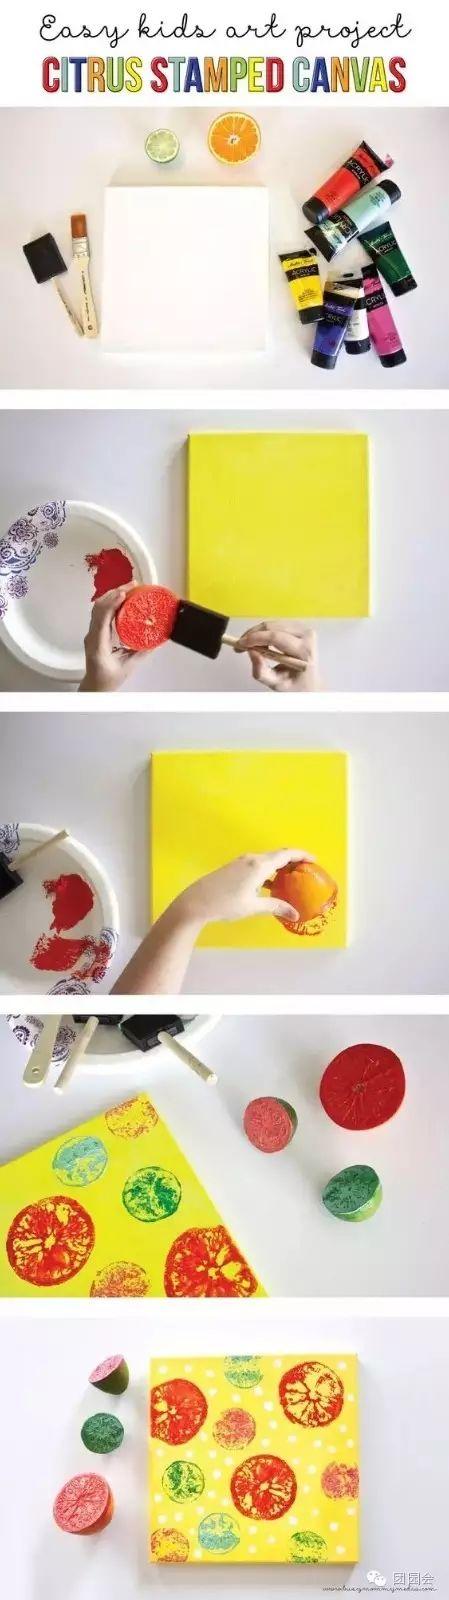 水果变印章,幼儿园创意手工大集合